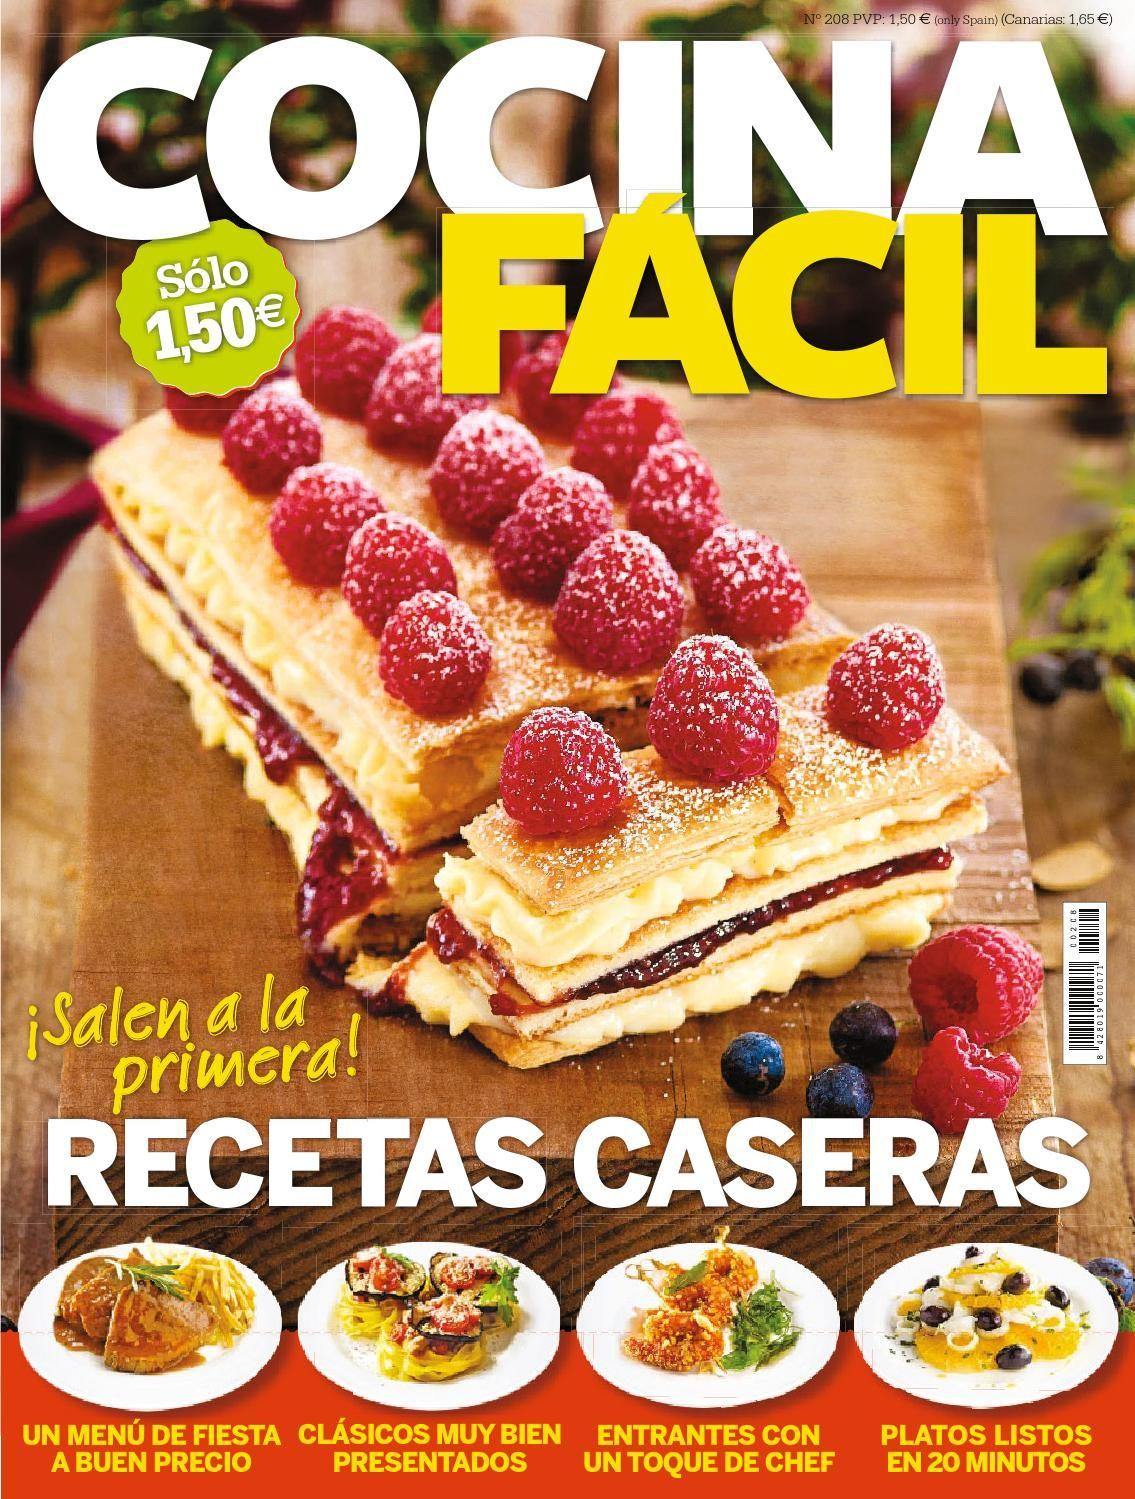 Revista Lecturas Cocina | Issuu Cocina Facil Lecturas N 208 Abril 2015 De Revistas